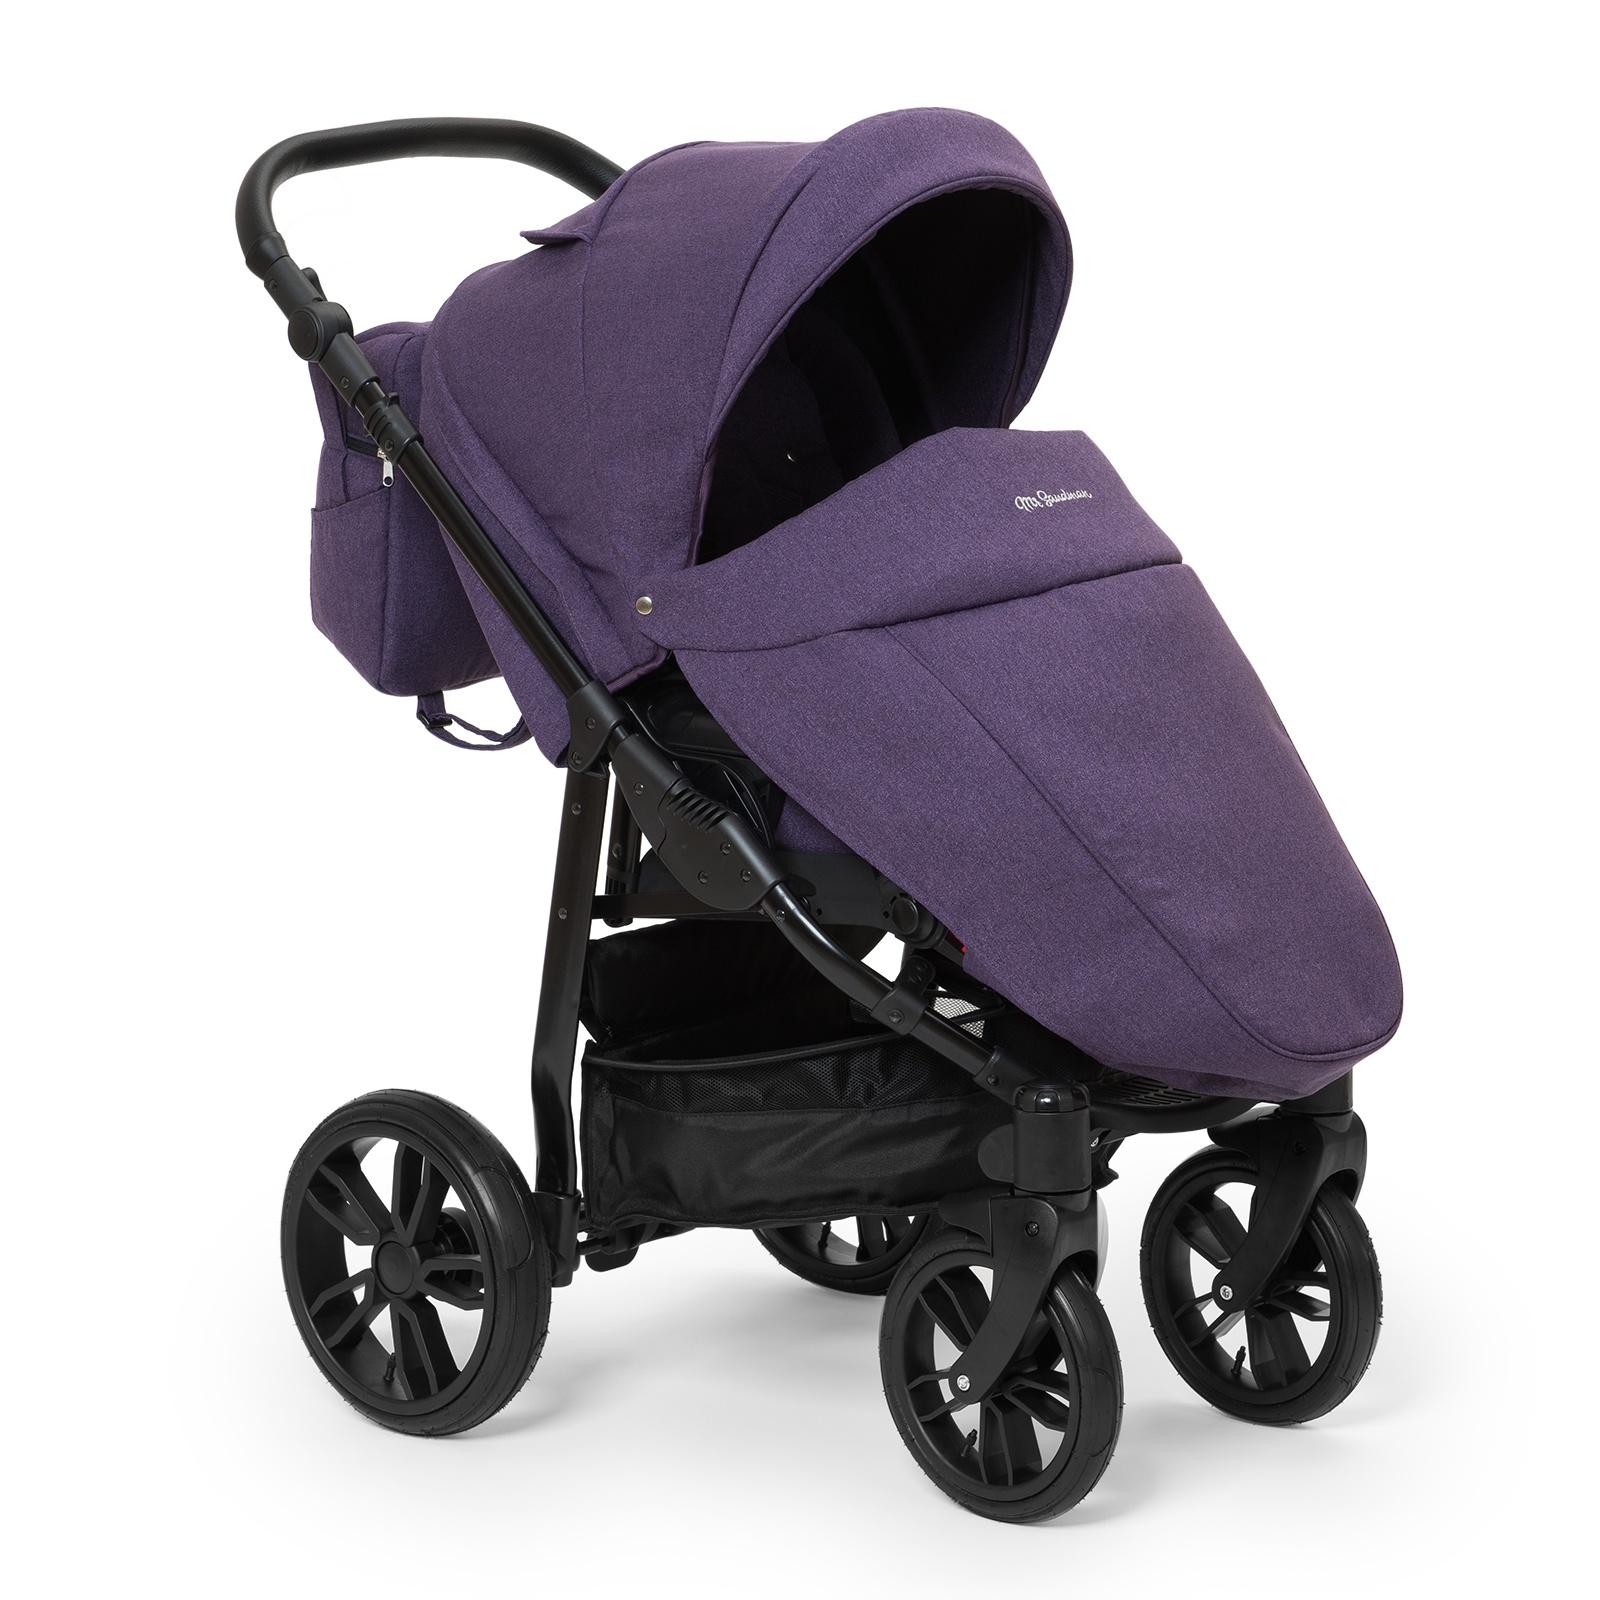 Коляска прогулочная Mr Sandman Vortex, цвет: фиолетовый коляска mr sandman guardian 2 в 1 графит серый kmsg 043601